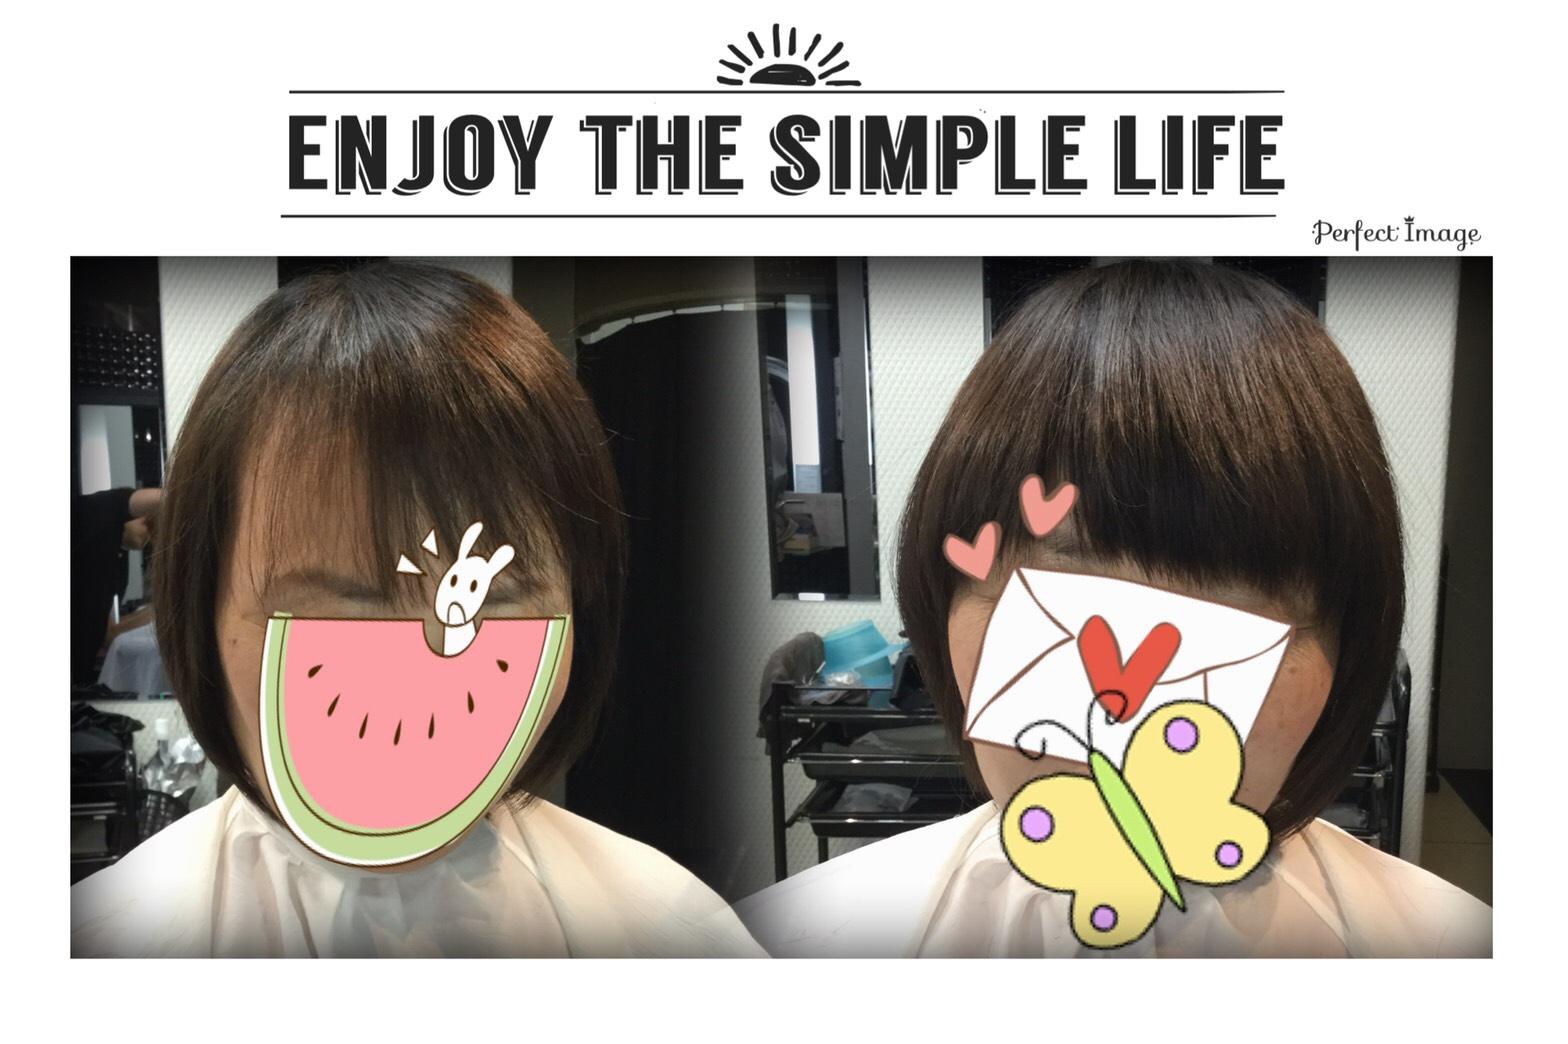 抗がん剤治療後。。増えない伸びない前髪をシールエクステでカバー♪( ´▽`)